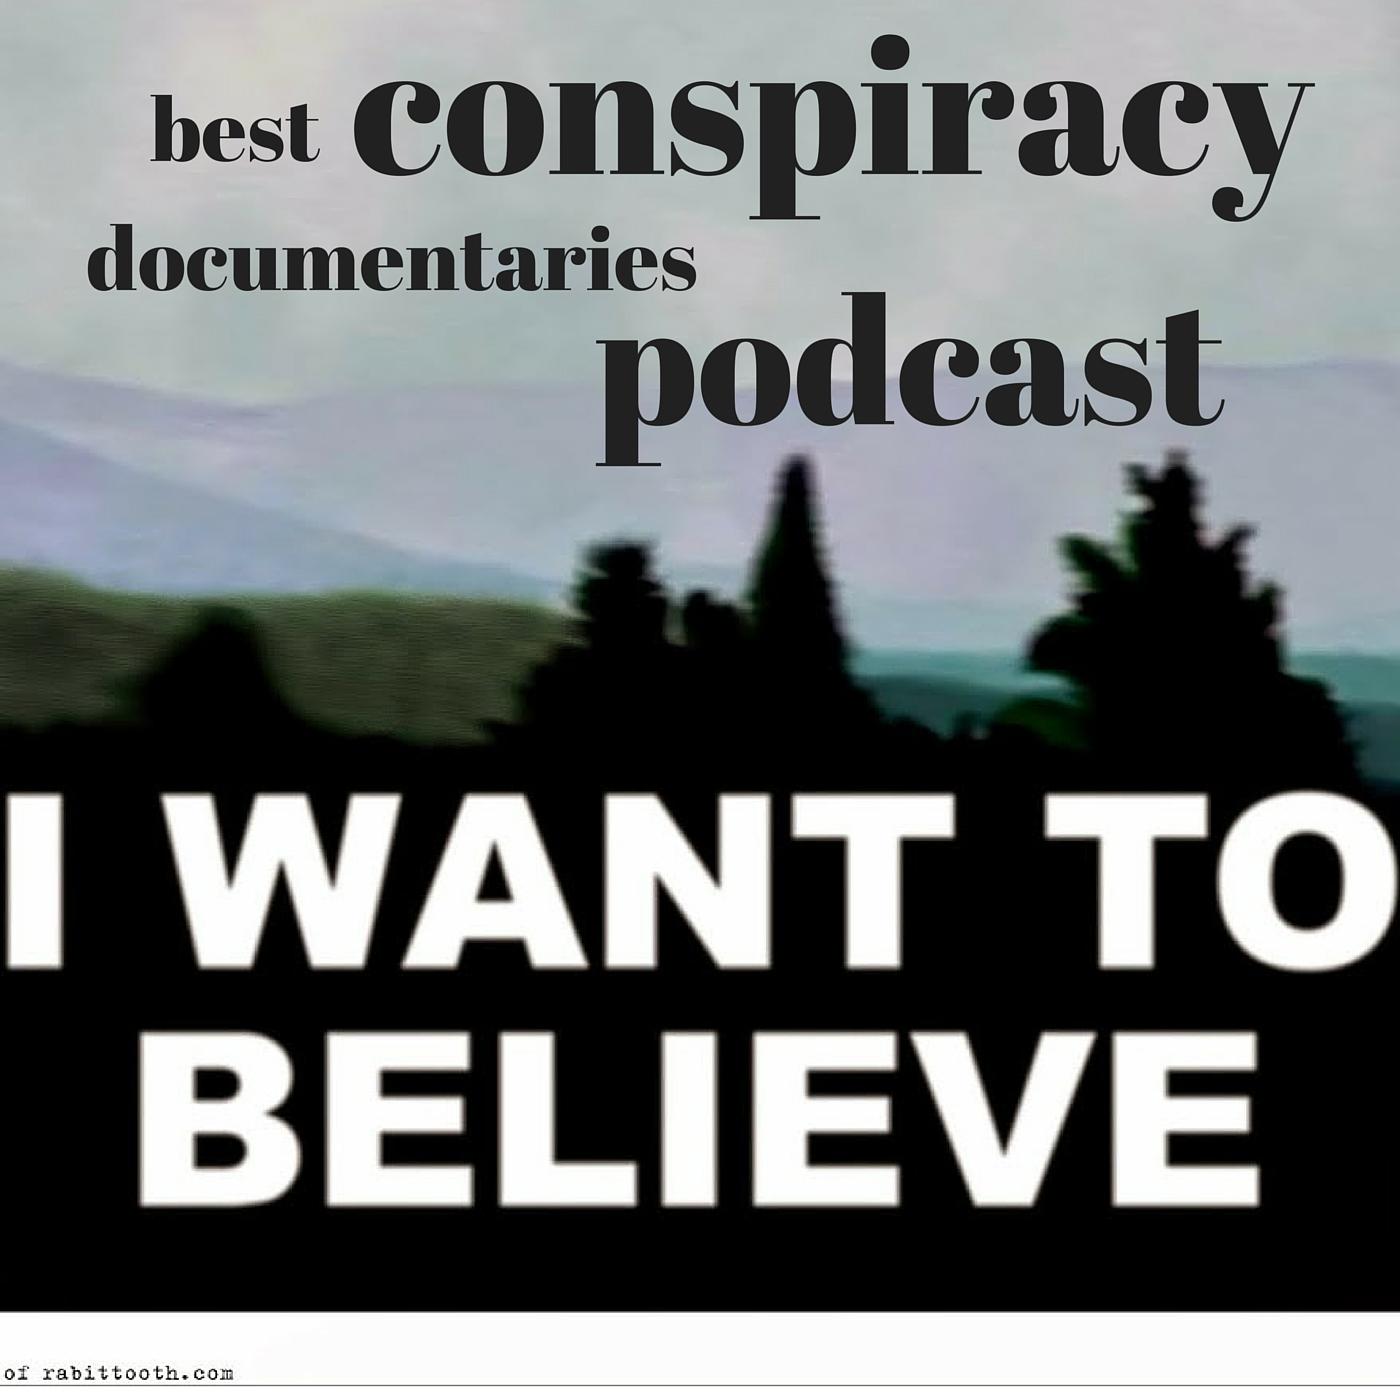 Rob Skiba (Raw, Uncut) | bcdPodcast #306